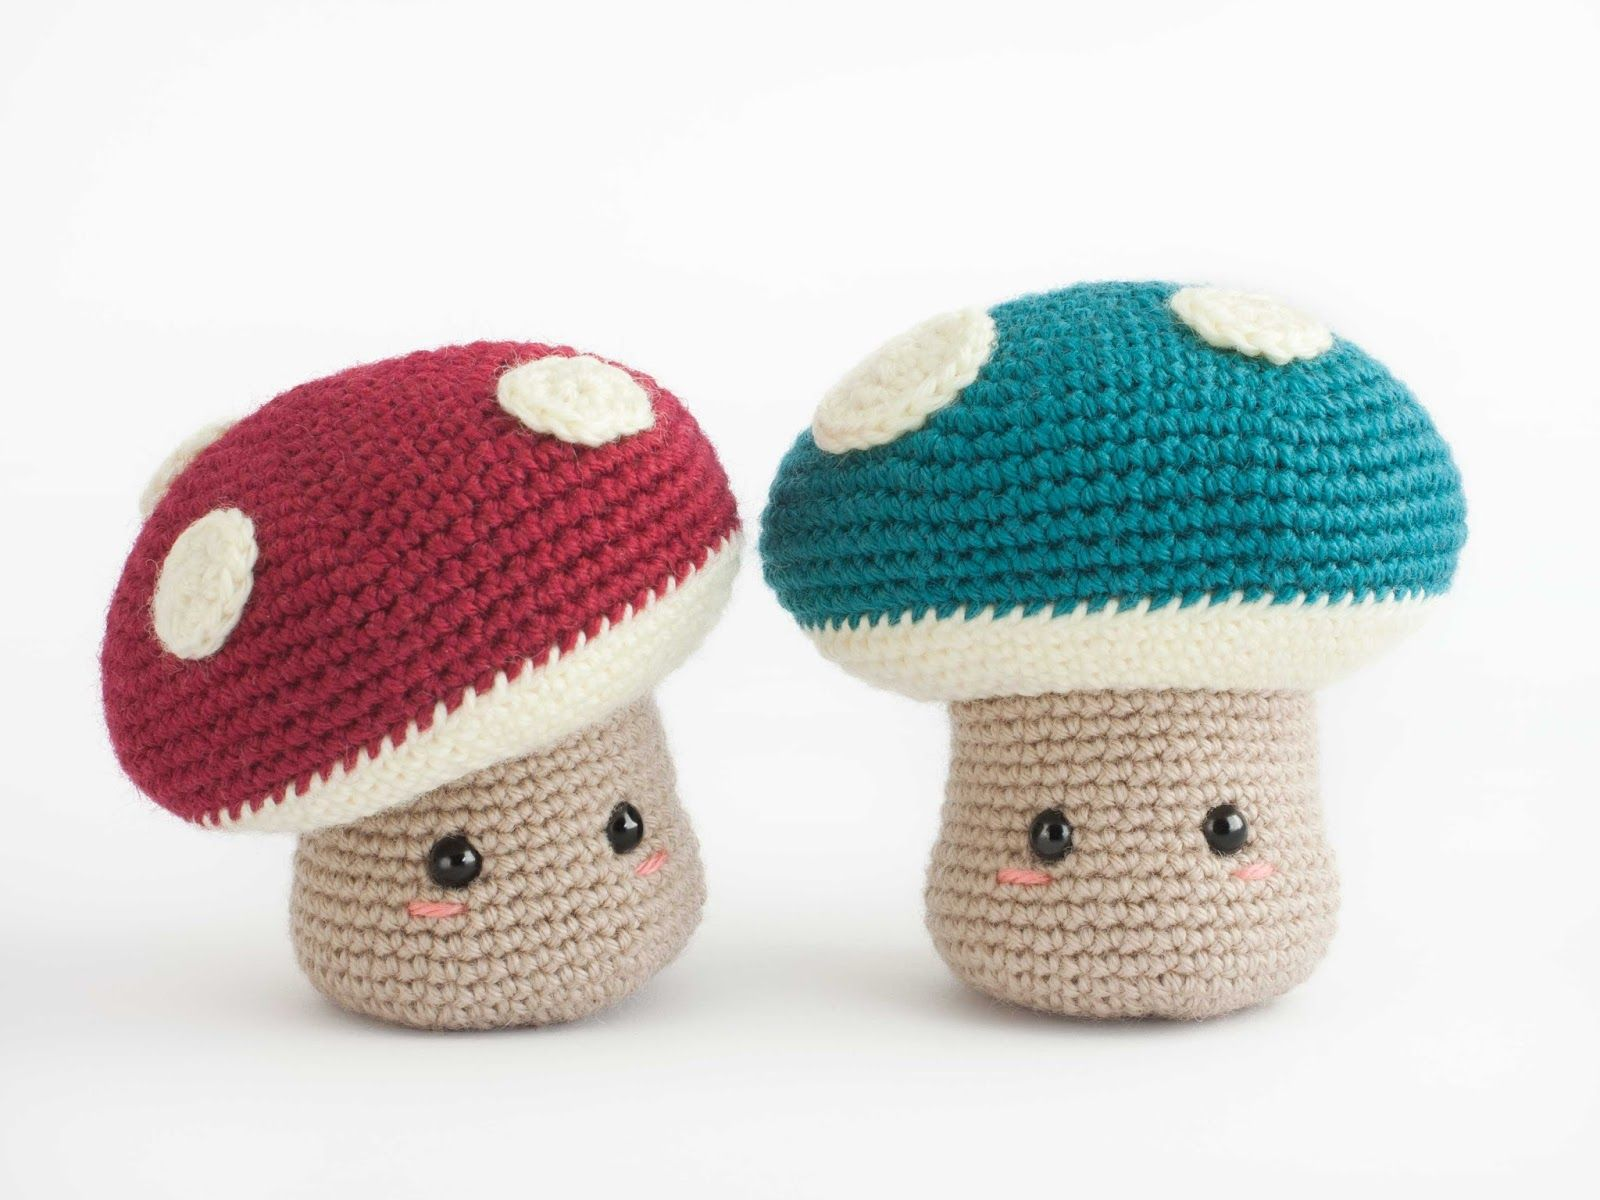 Amigurumi Mushroom Free Crochet Pattern Tutorial Chrochet